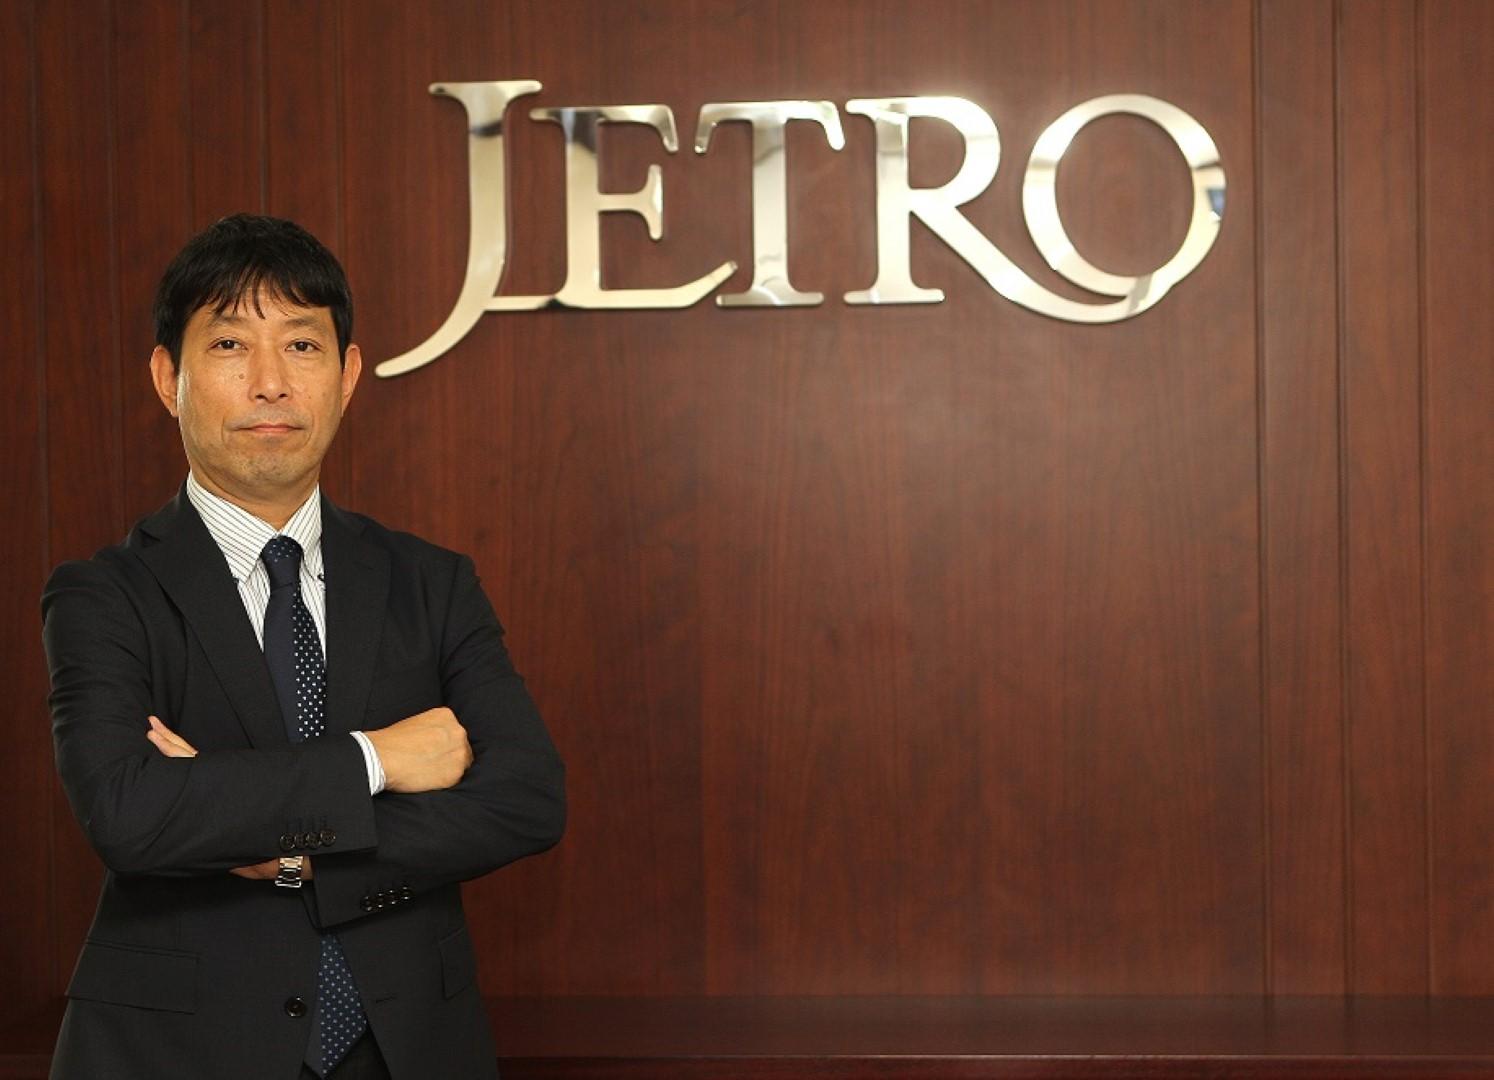 موانئ دبي وجافزا تحفزان نمو أعمال الشركات اليابانية في الدولة